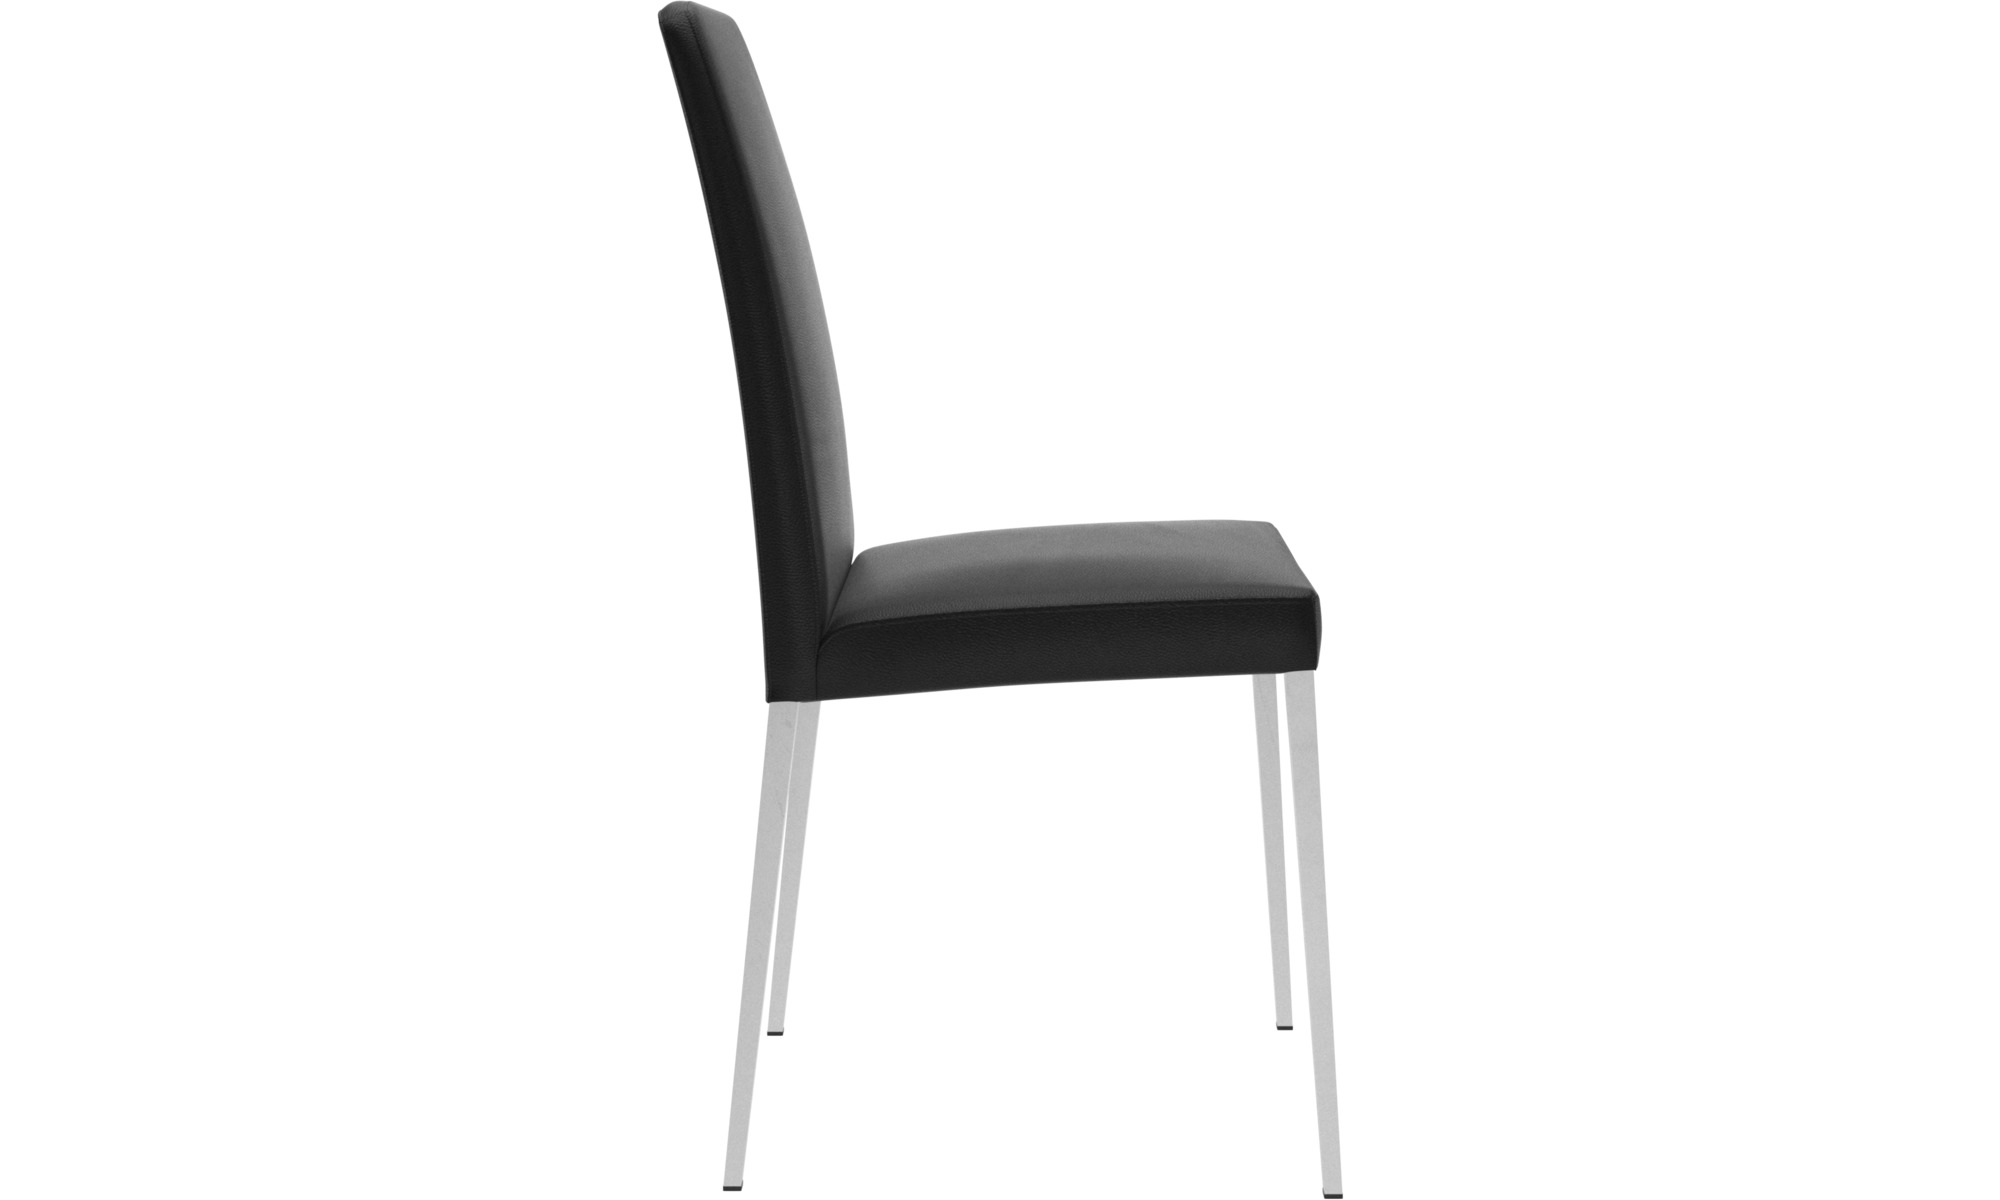 chaises de salle manger chaise nico boconcept. Black Bedroom Furniture Sets. Home Design Ideas